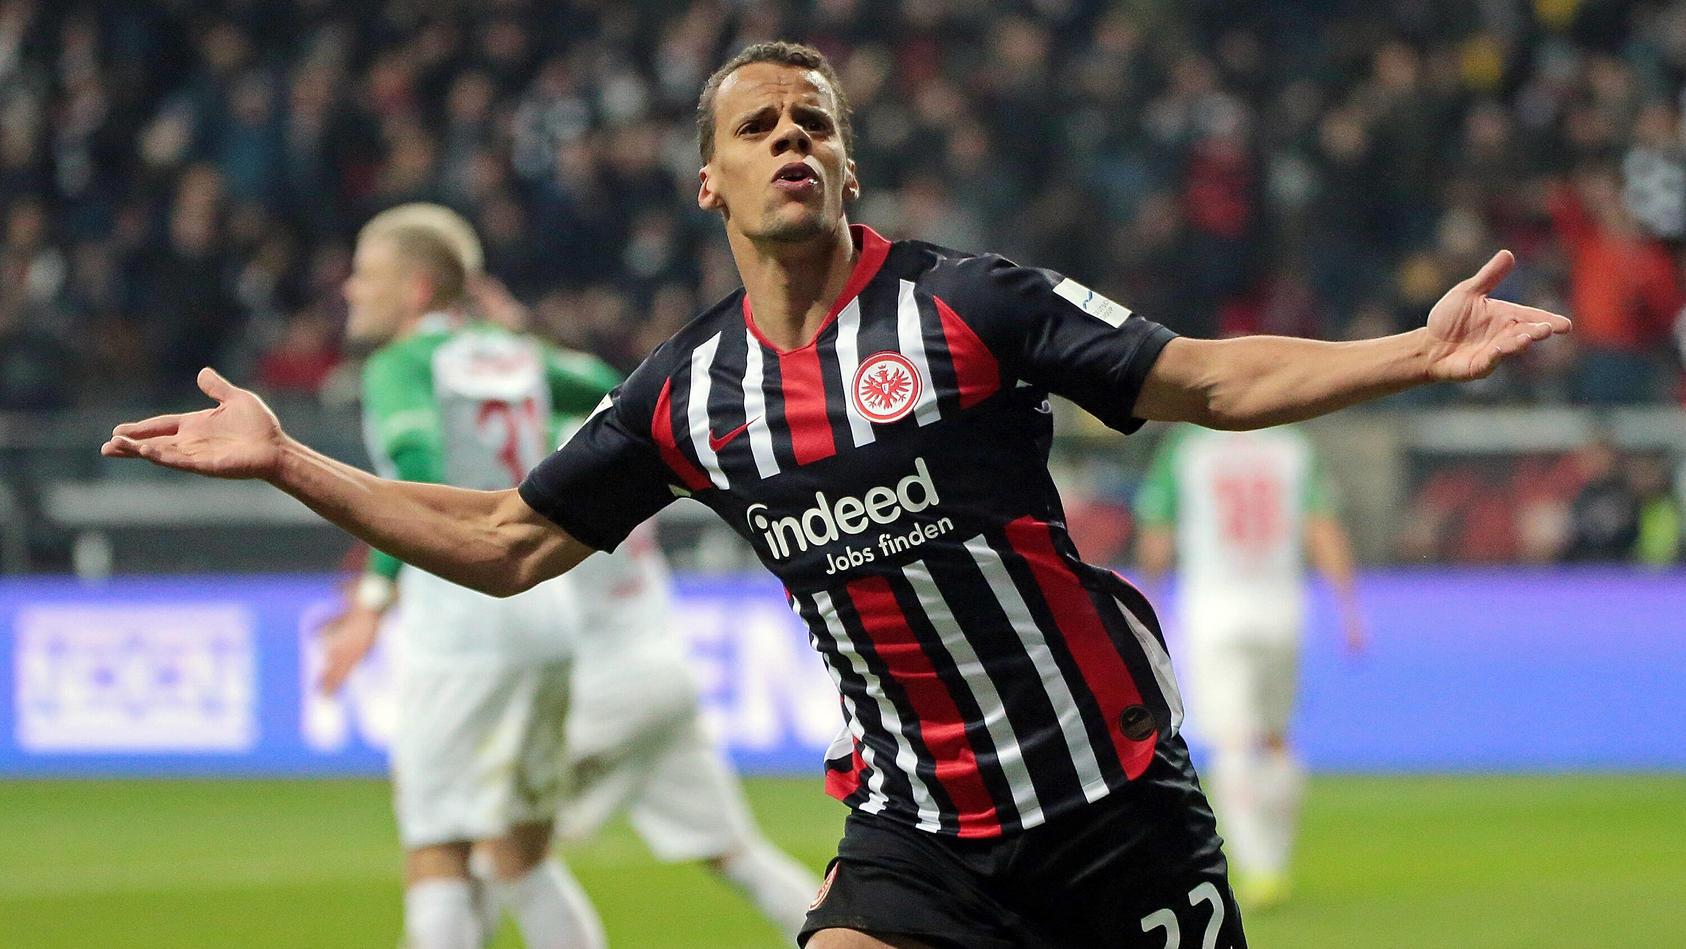 07.02.2020, xovx, Fussball 1.Bundesliga, Eintracht Frankfurt - FC Augsburg emspor, Jubel bei Timothy Chandler (Eintracht